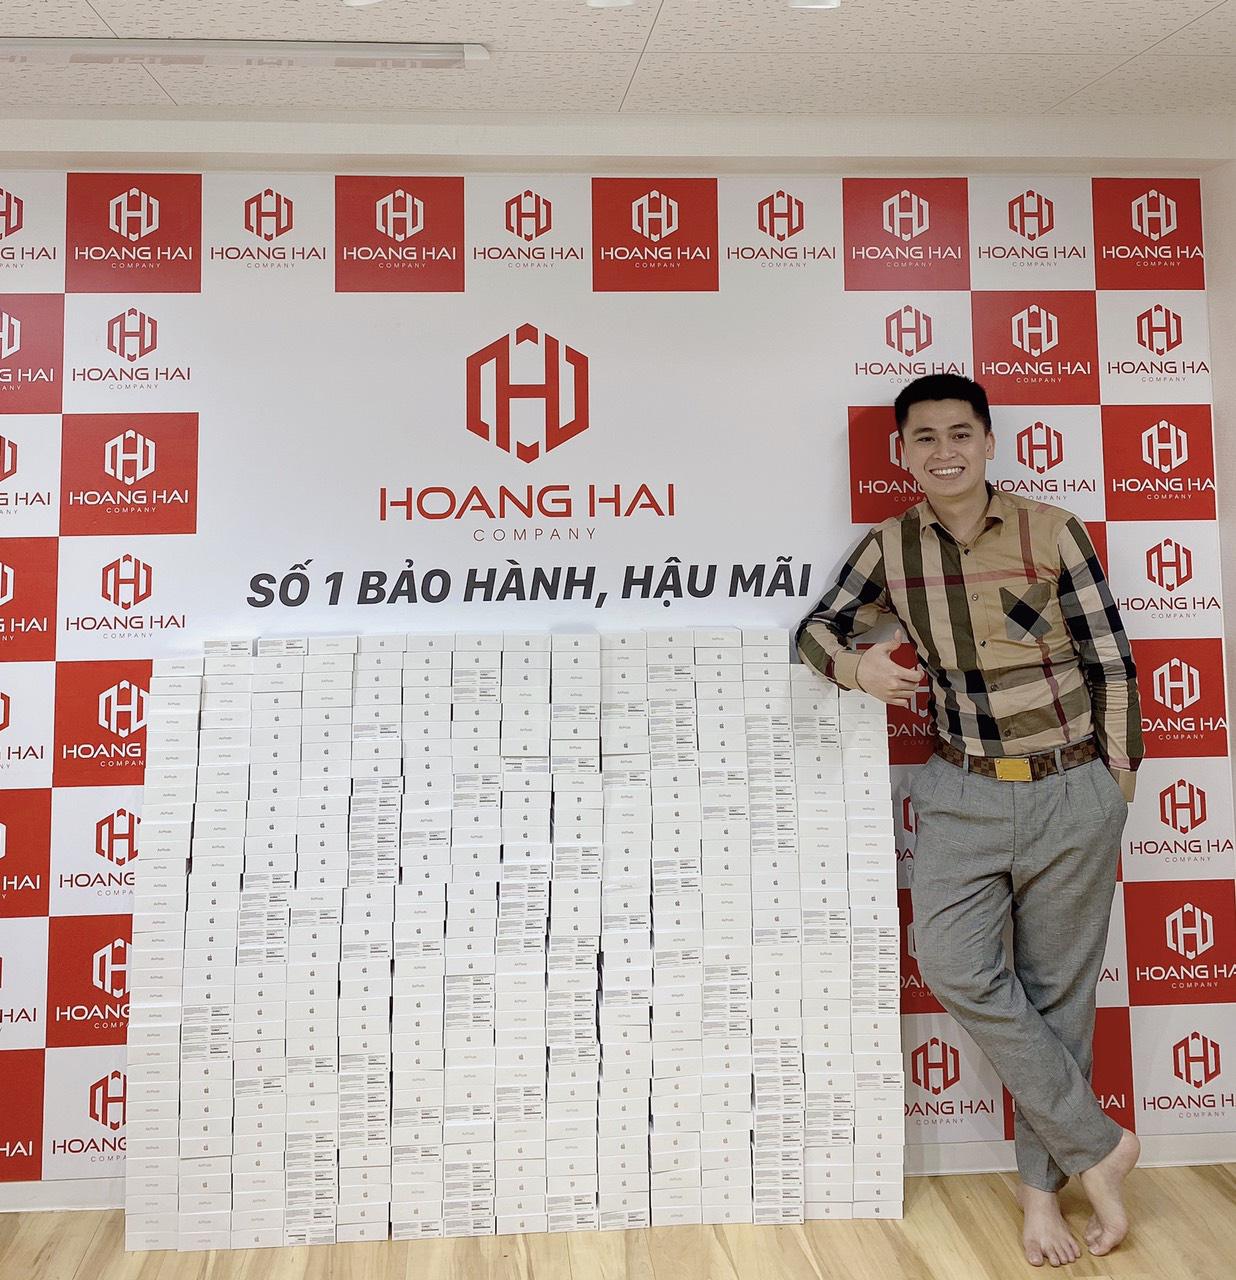 9x Việt khởi nghiệp thành công tại Nhật từ chiến lược kinh doanh điện thoại thông minh - Ảnh 1.